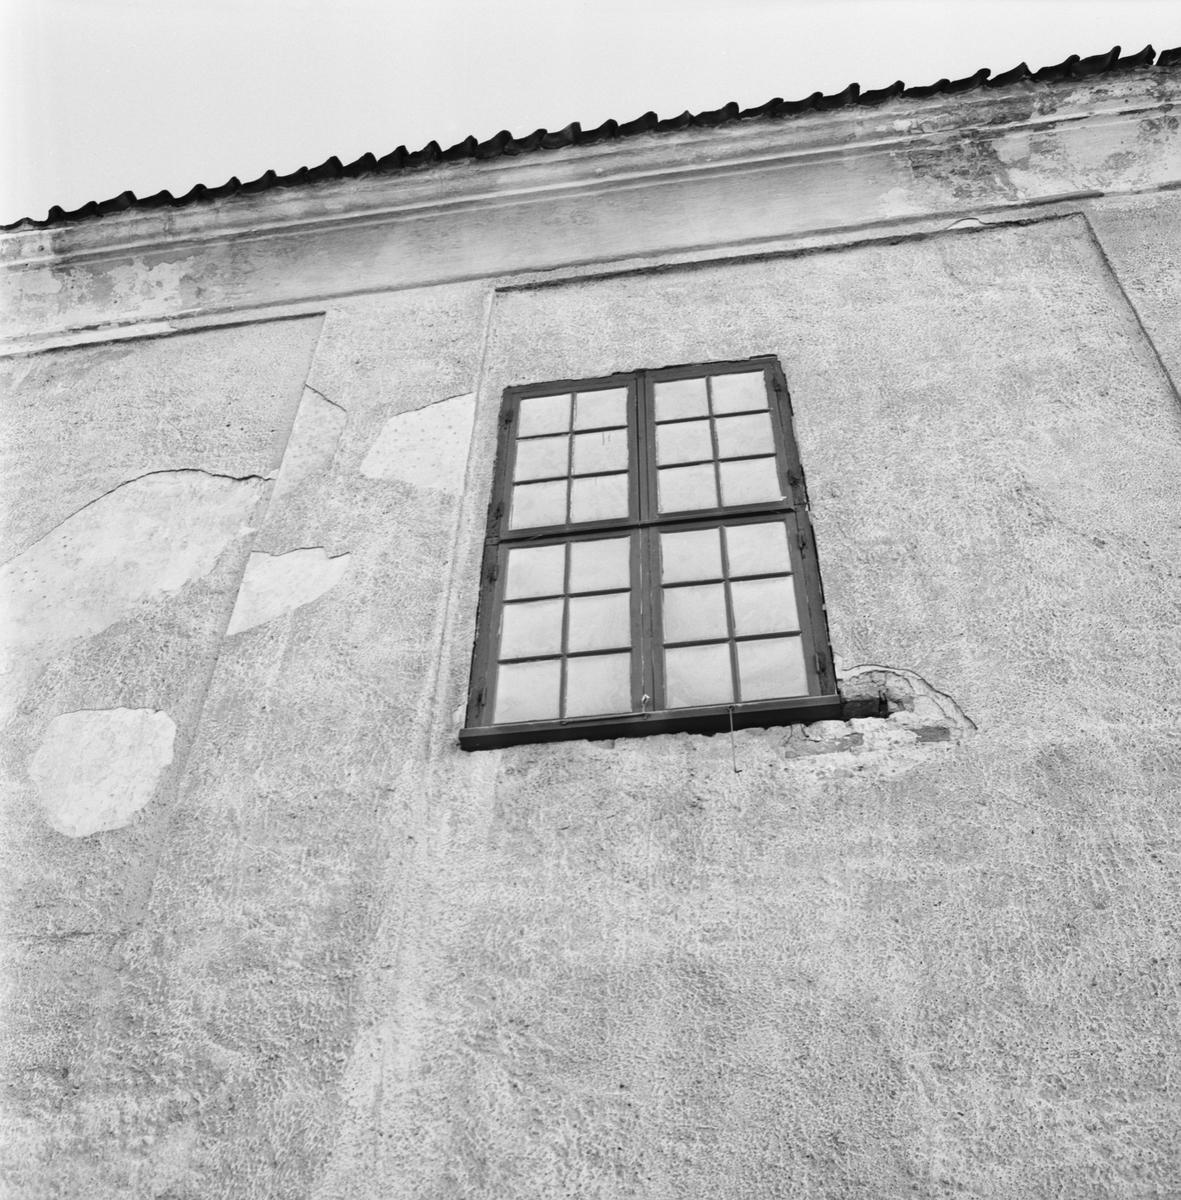 Övrigt: Foto datum: 13/12 1965 Byggnader och kranar Exteriör och Interiör av repslagarbanan